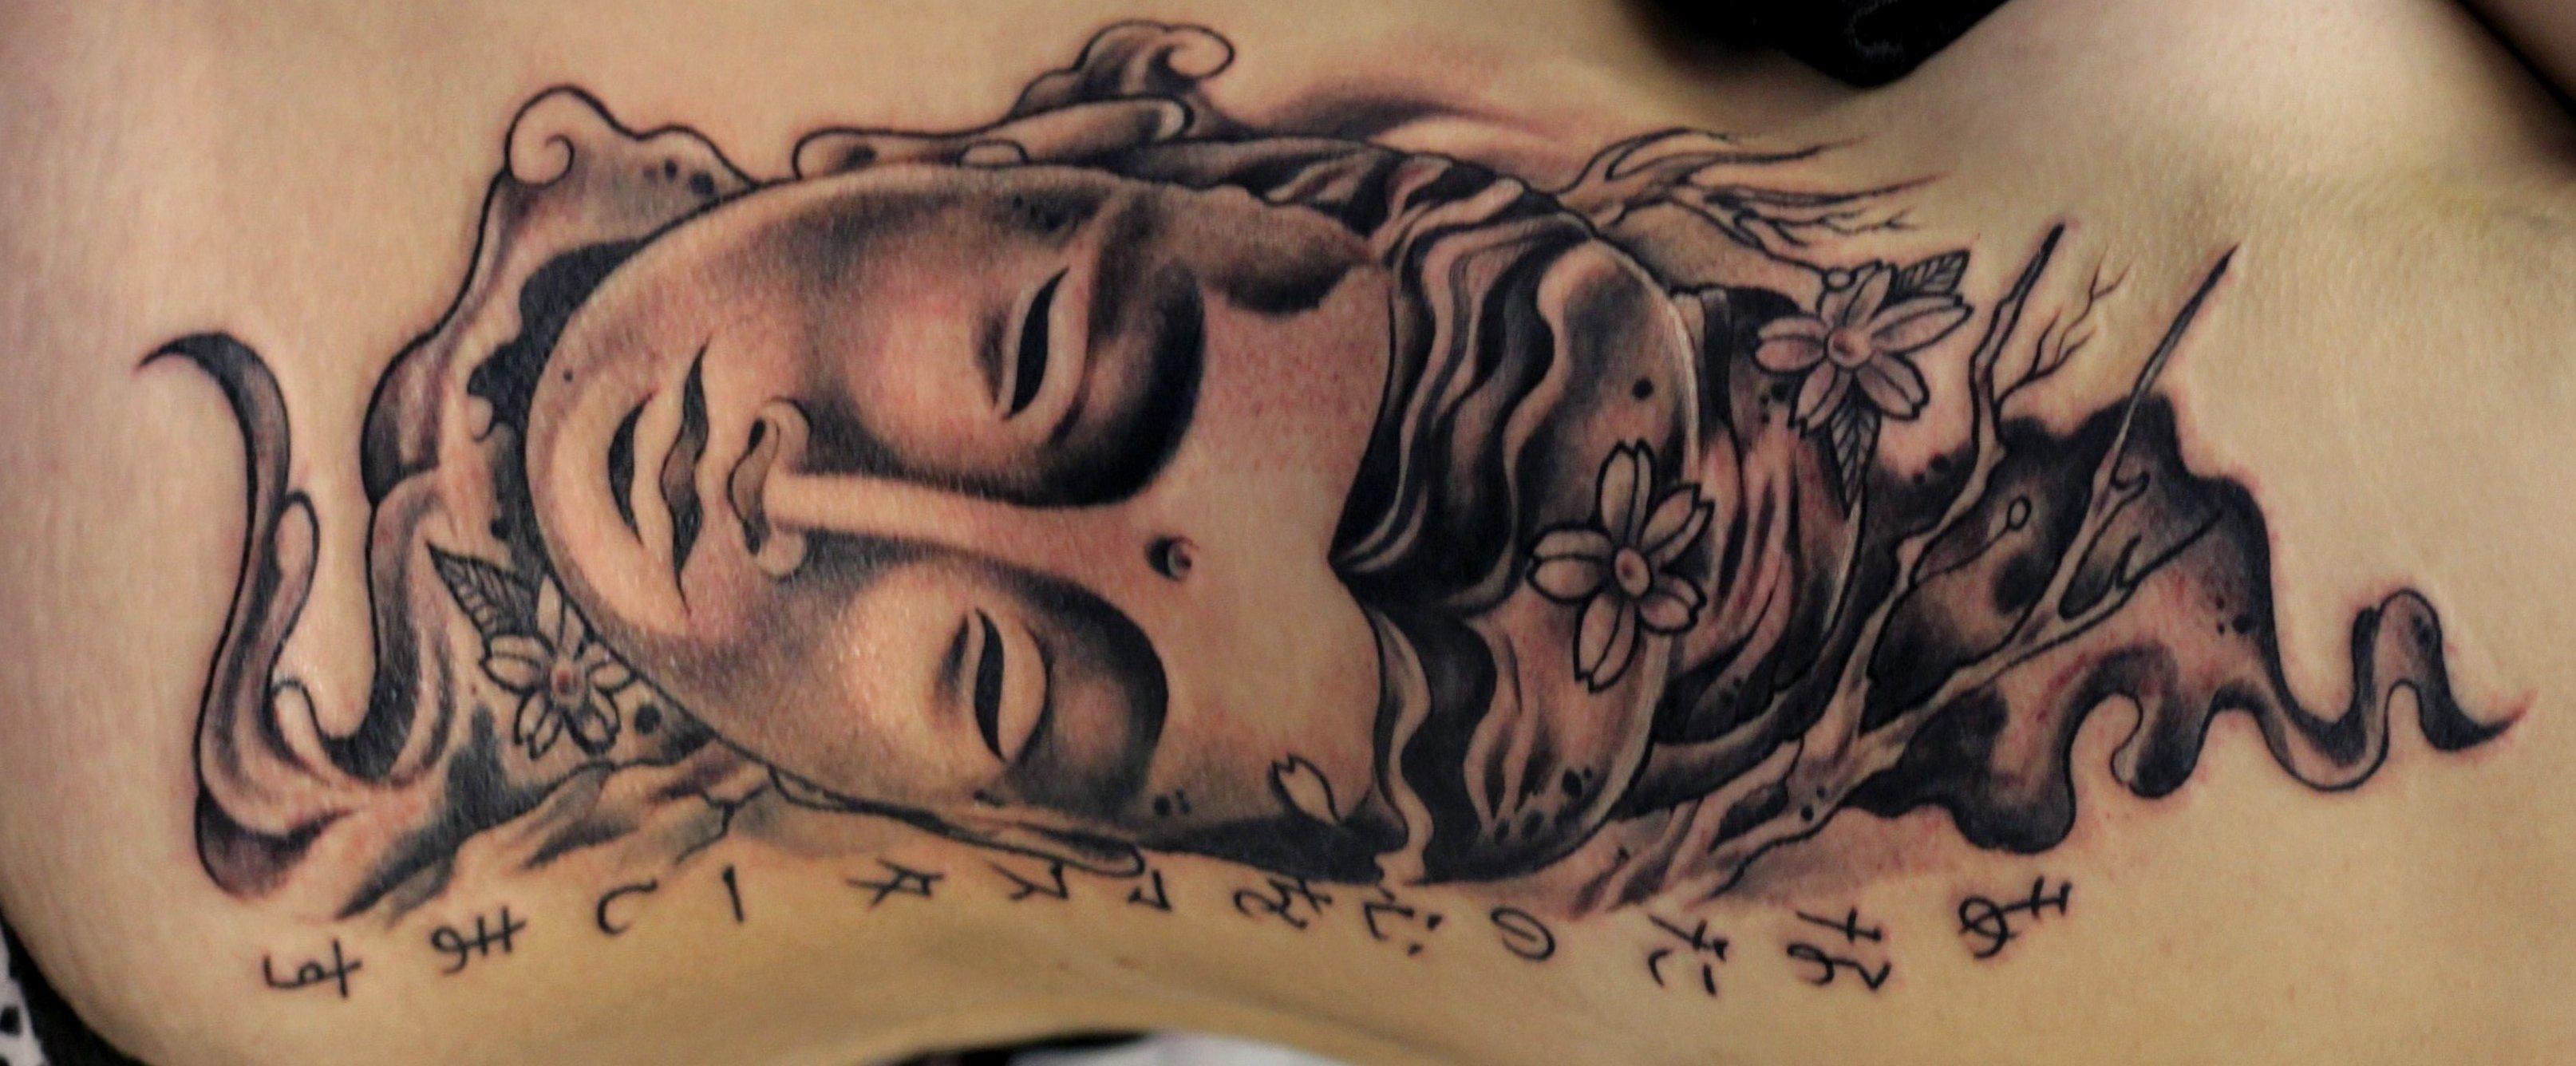 Buddhistische Tattoos und ihre Bedeutung alletattoo.de 4